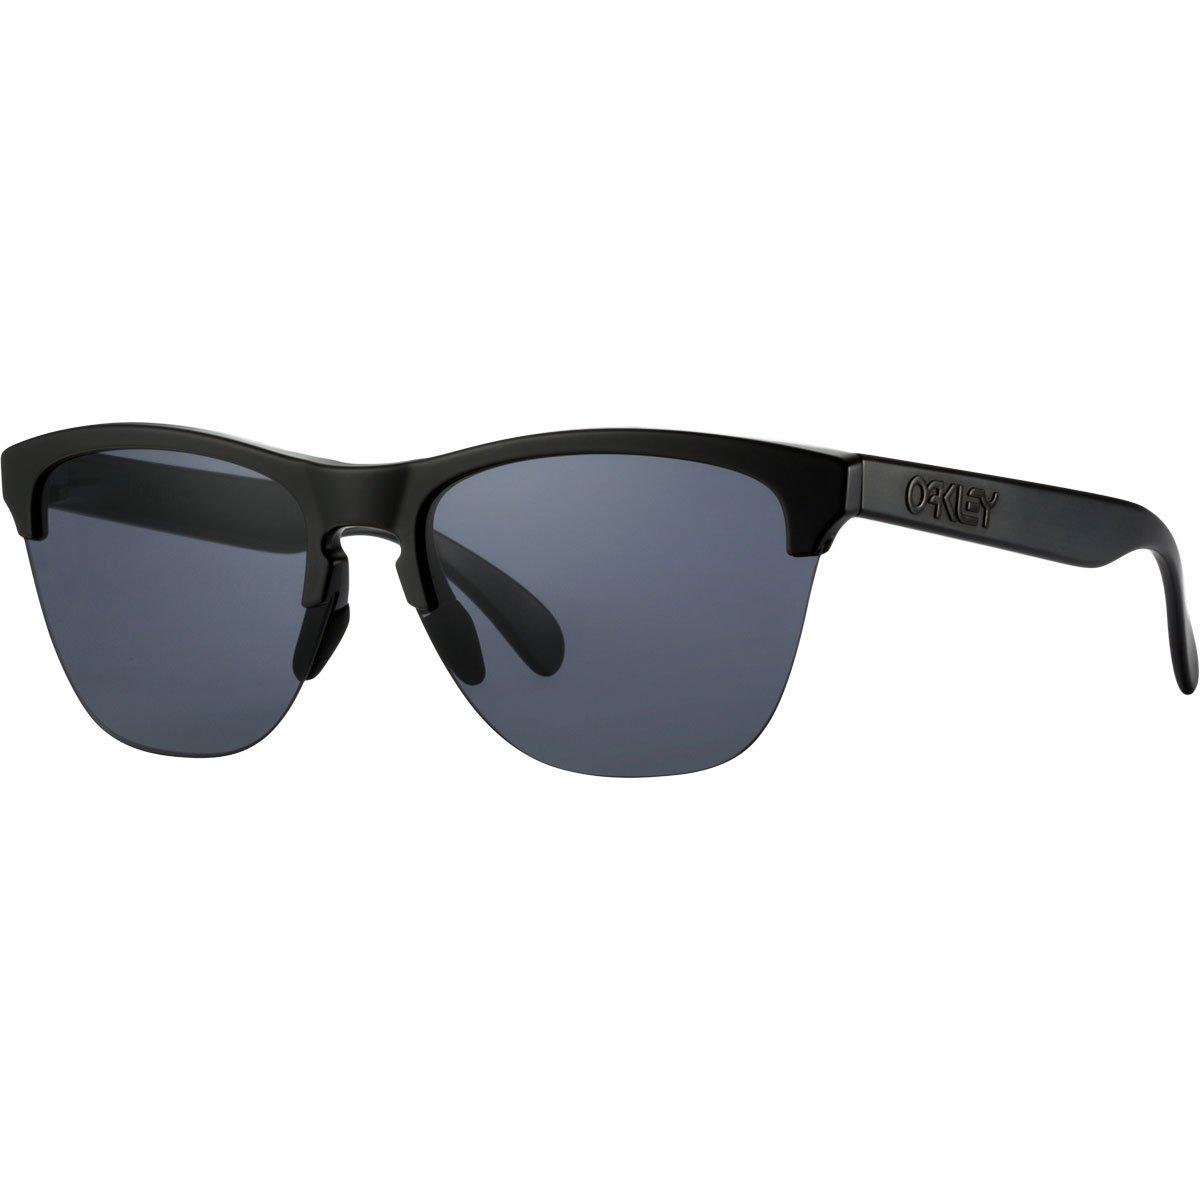 fbac67d031e5 Amazon.com  Oakley Men s Frogskins Lite Round Sunglasses